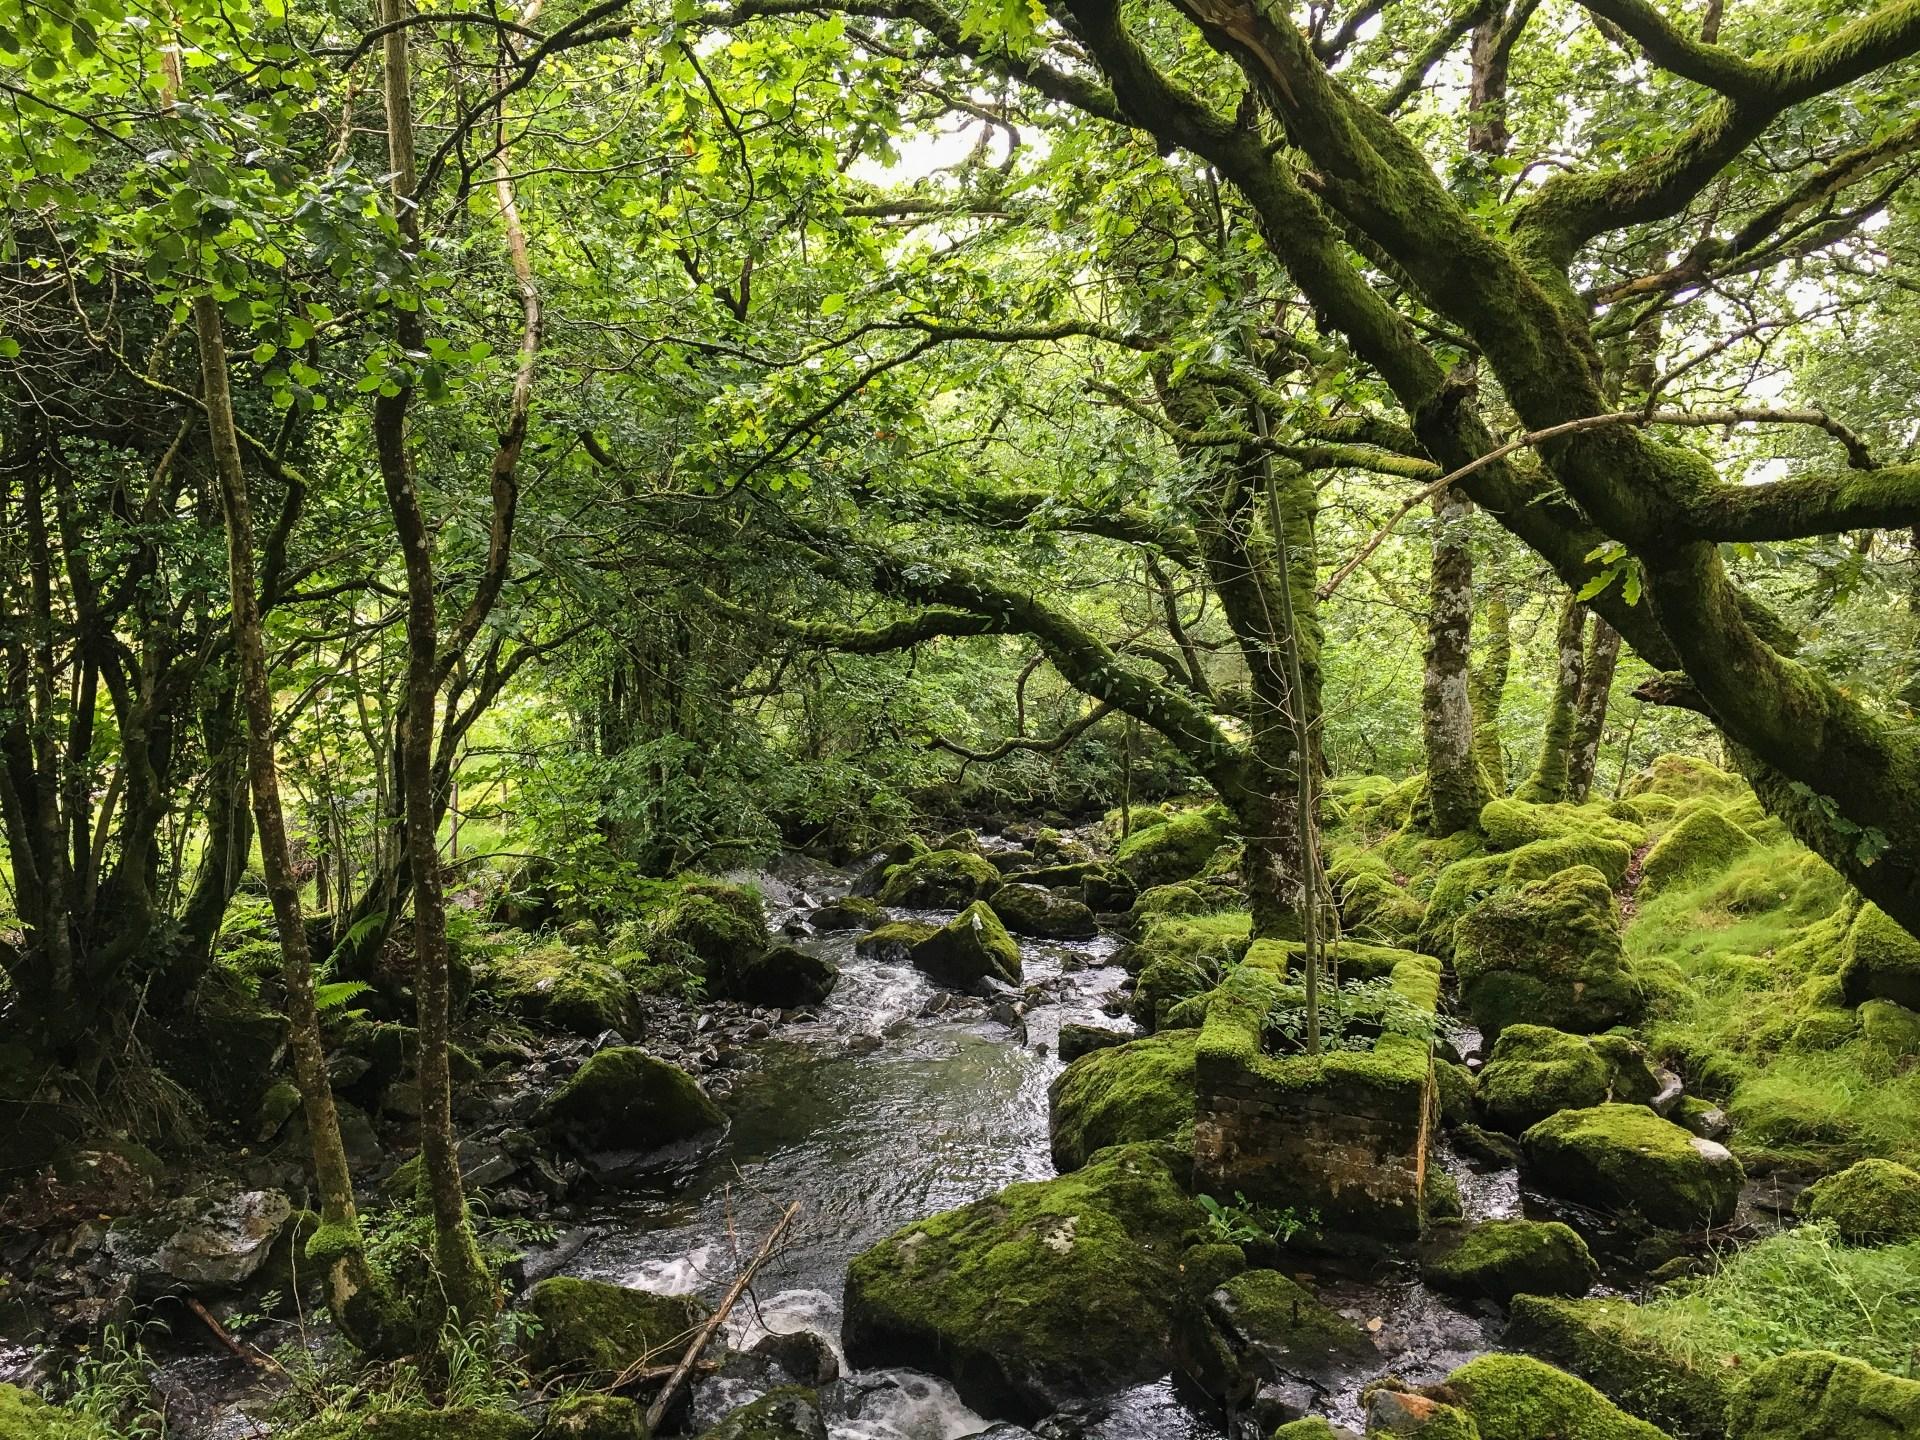 trefriw foto's van Wales